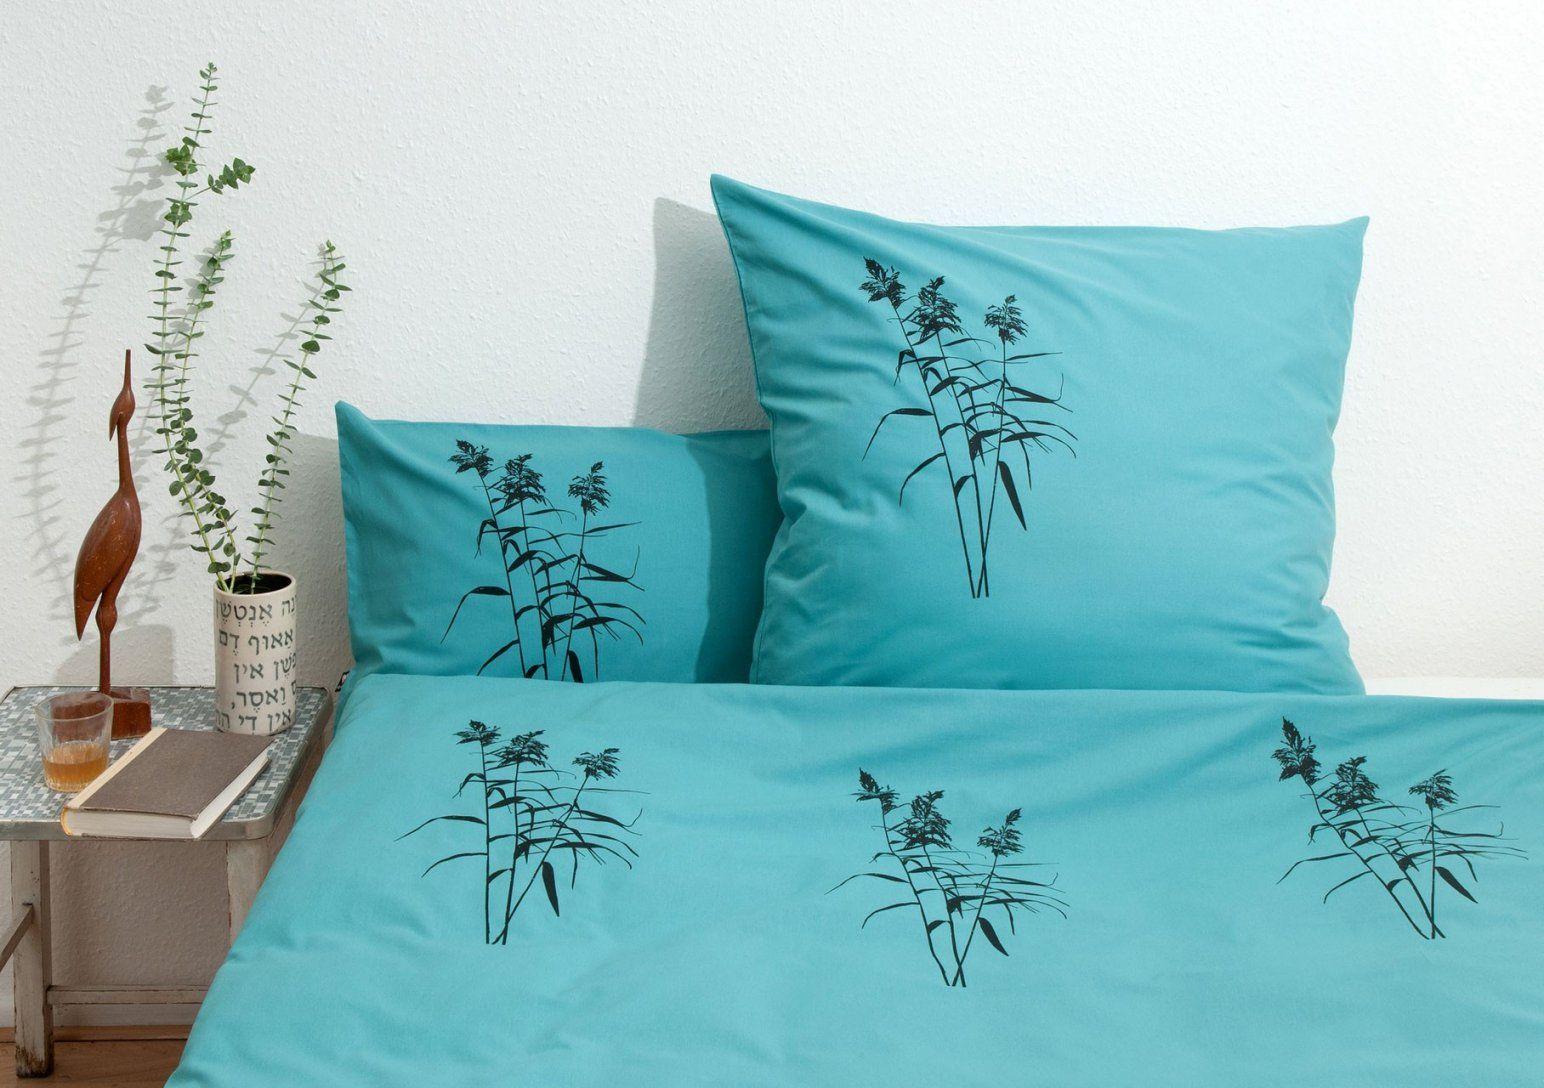 Fashionable Design Bettwäsche Bedrucken Lassen Fotobettwäsche von Bettwäsche Bedrucken Lassen Preisvergleich Bild